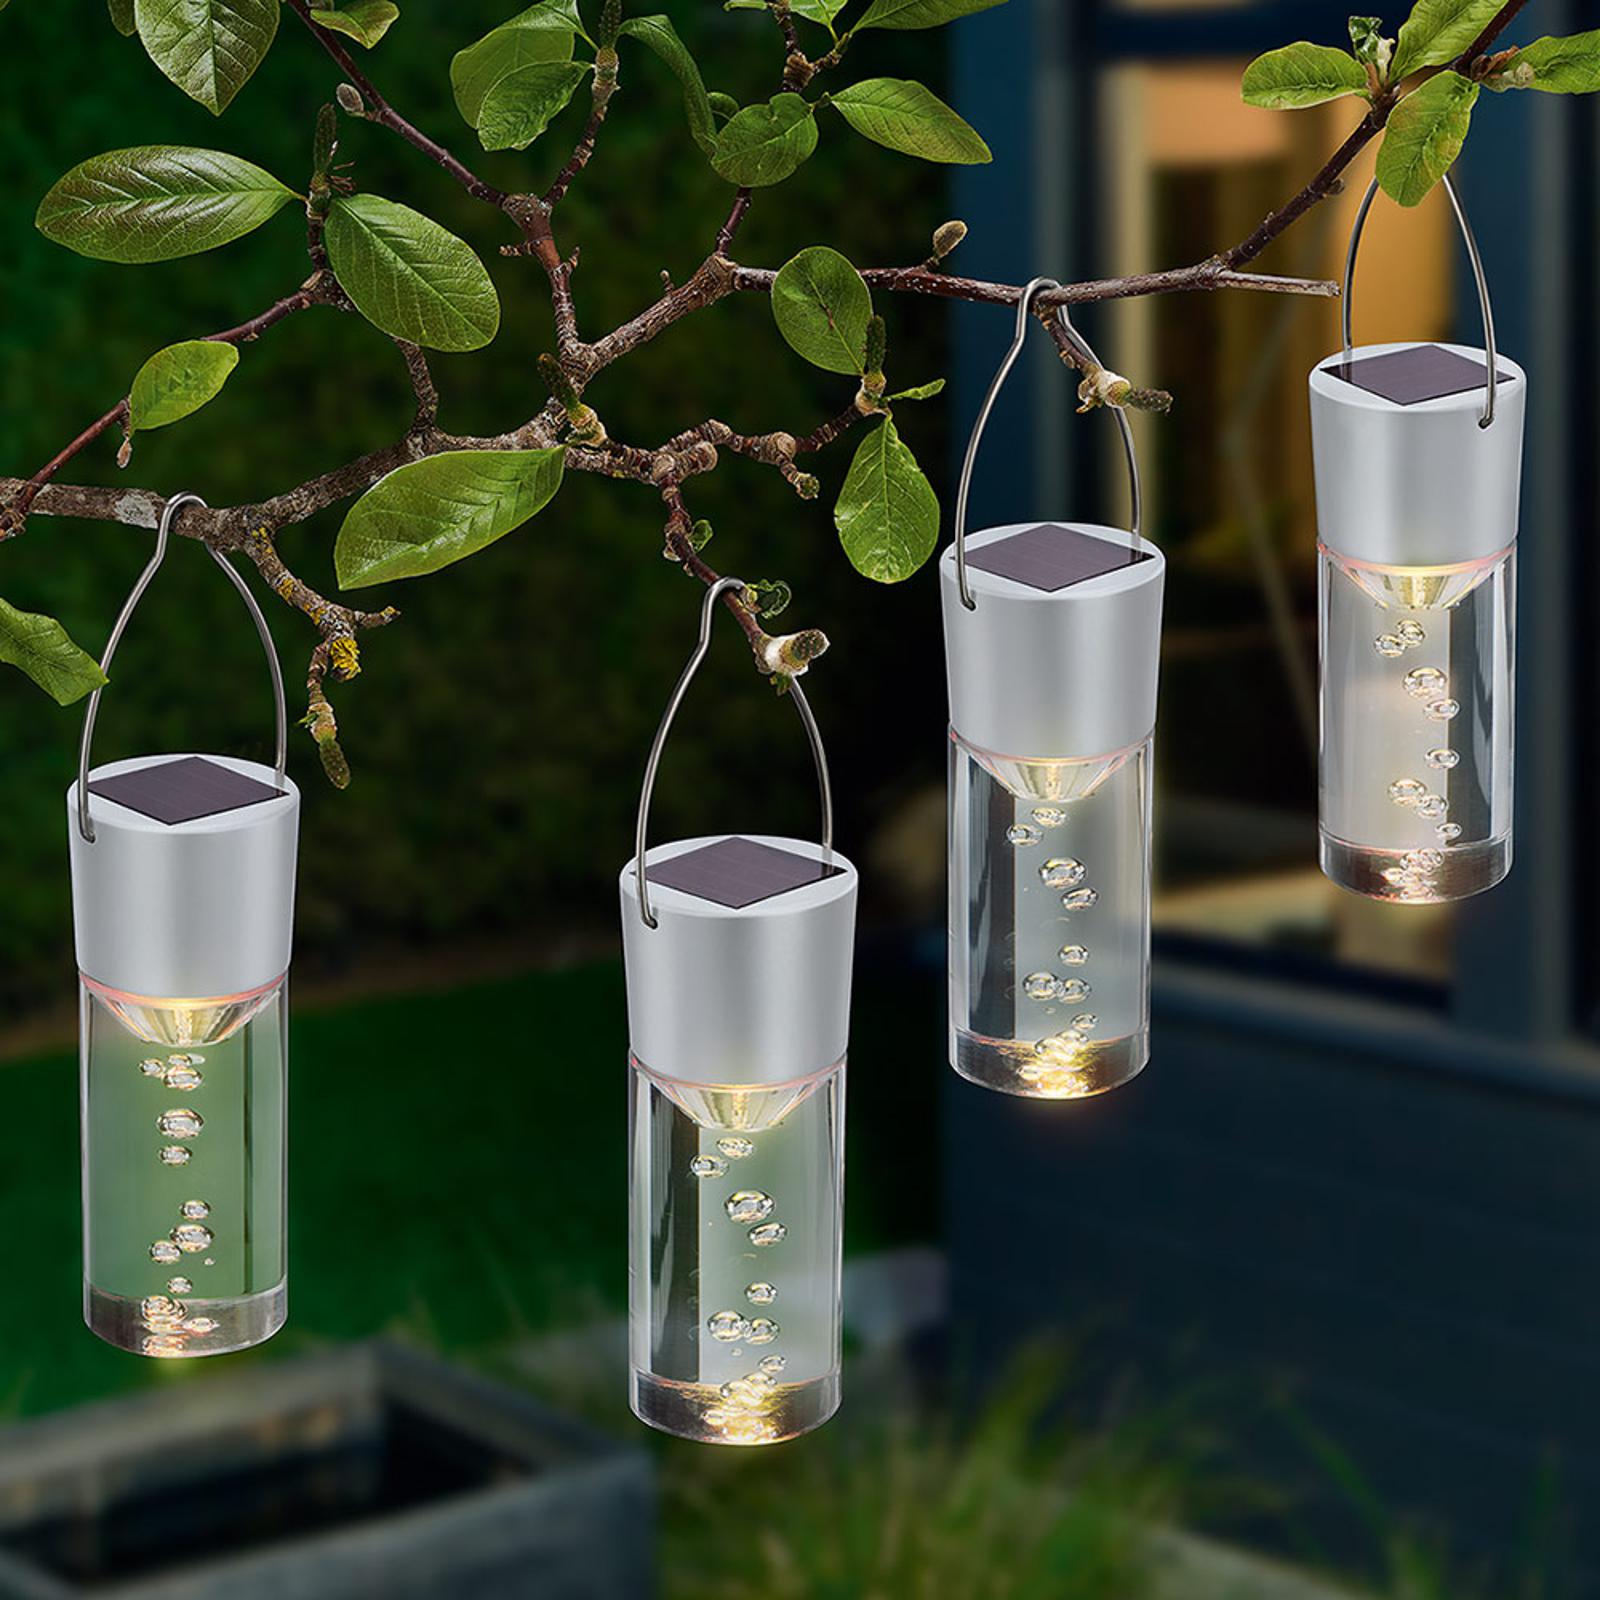 Sada solárních dekoračních světel Smart Sticks